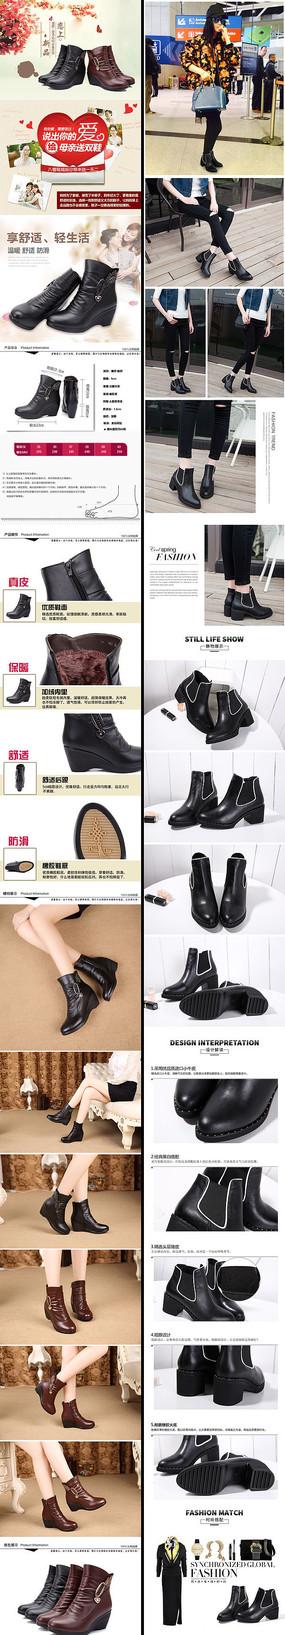 淘宝纯皮女鞋详情页描述图模板